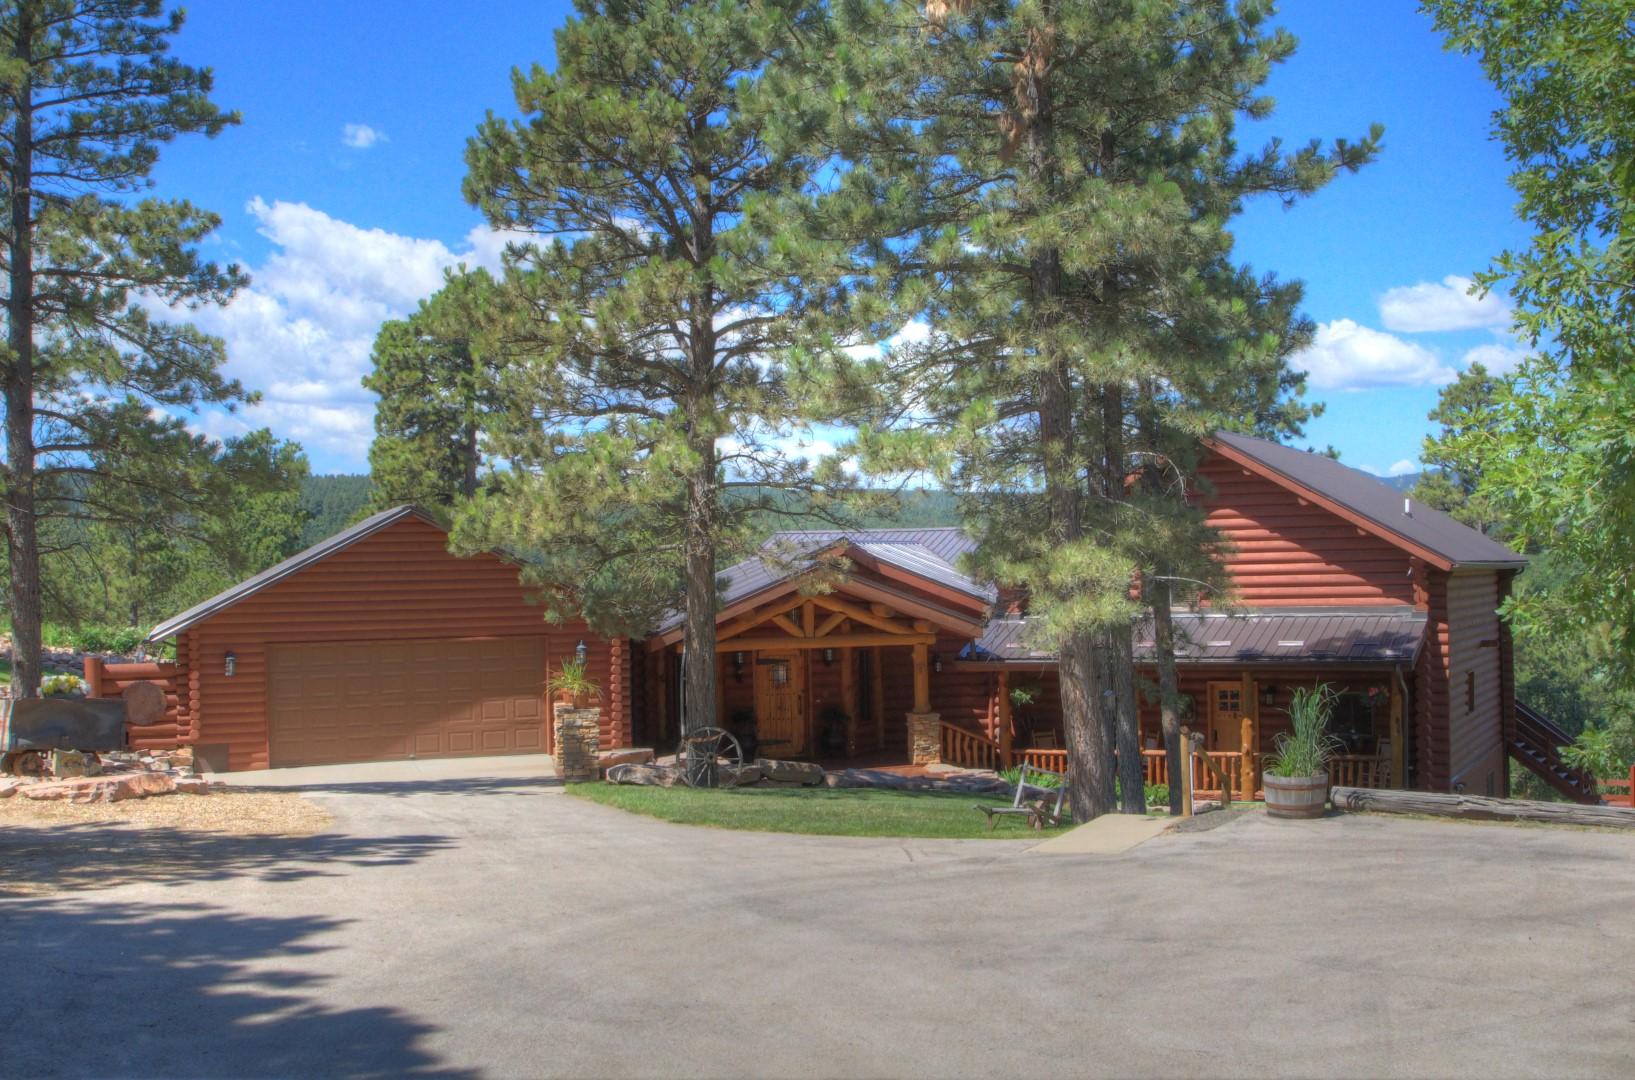 283 Oak Ridge Road, Spearfish, South Dakota 57783